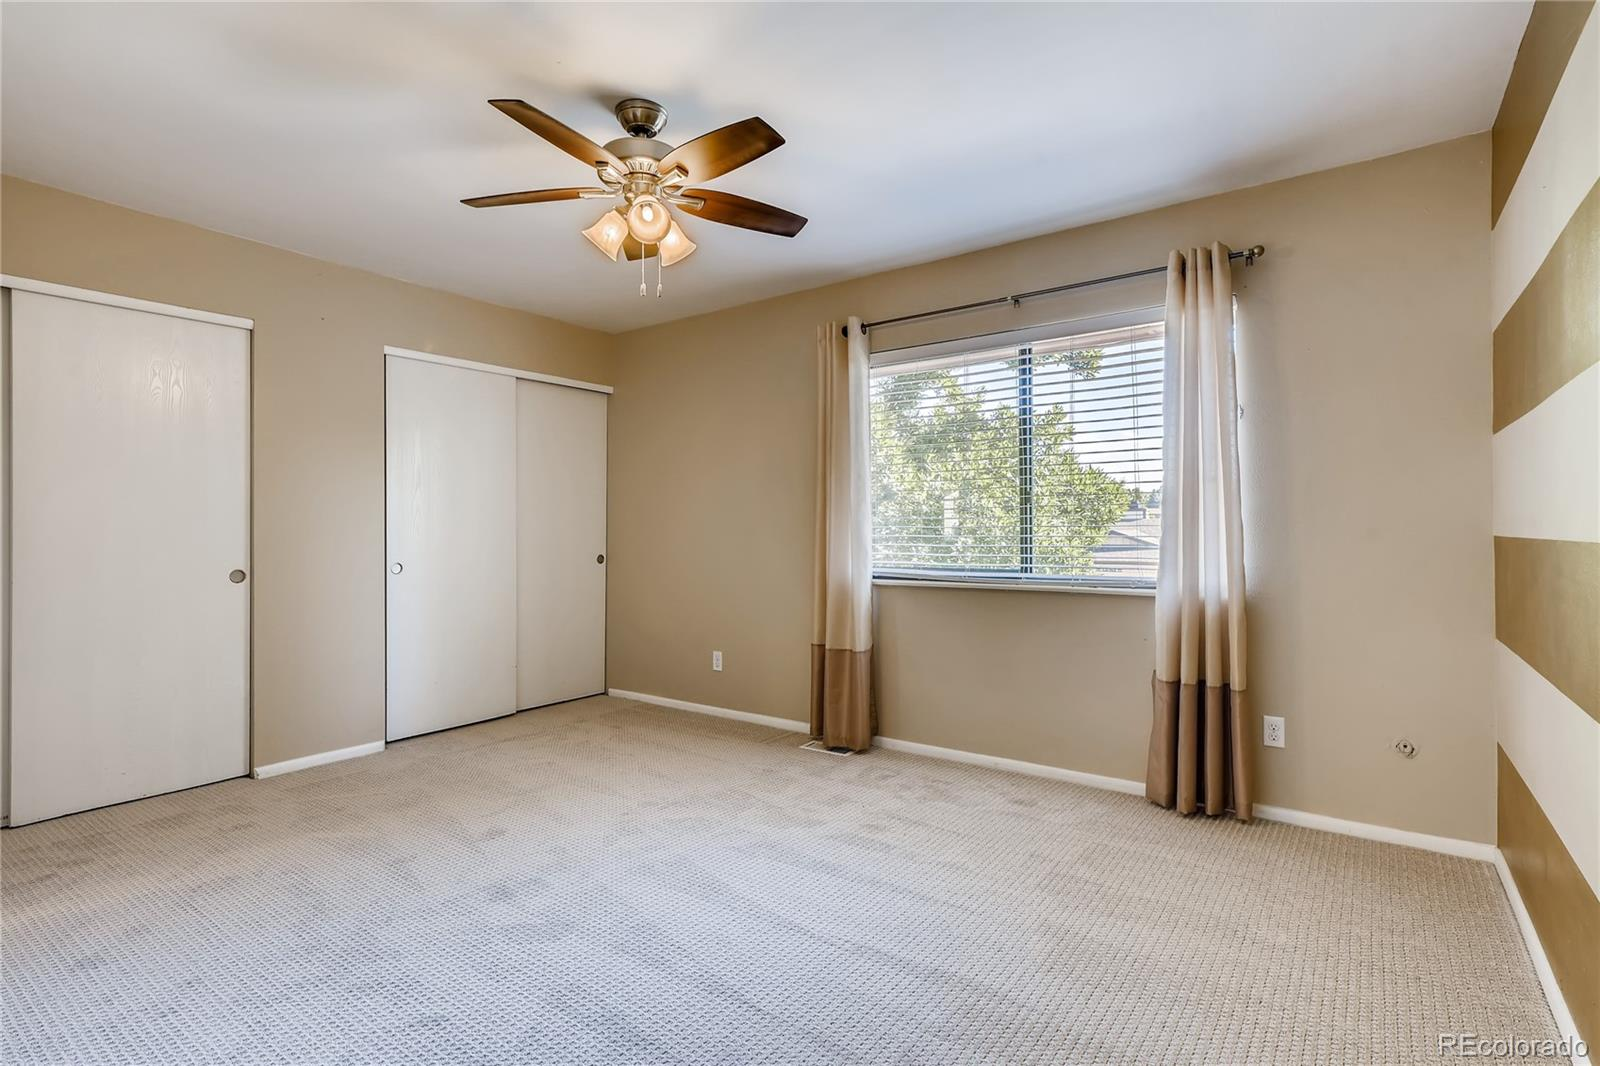 MLS# 6454303 - 16 - 13566 W Auburn Avenue, Lakewood, CO 80228